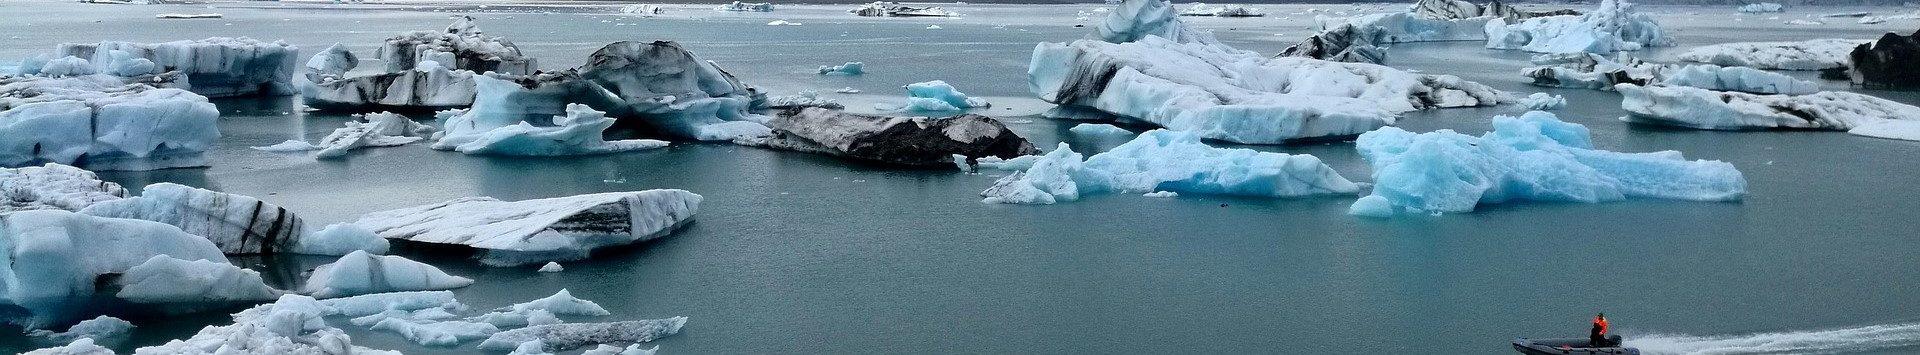 Photo aérienne d'un zodiac dans le lagon aux icebergs